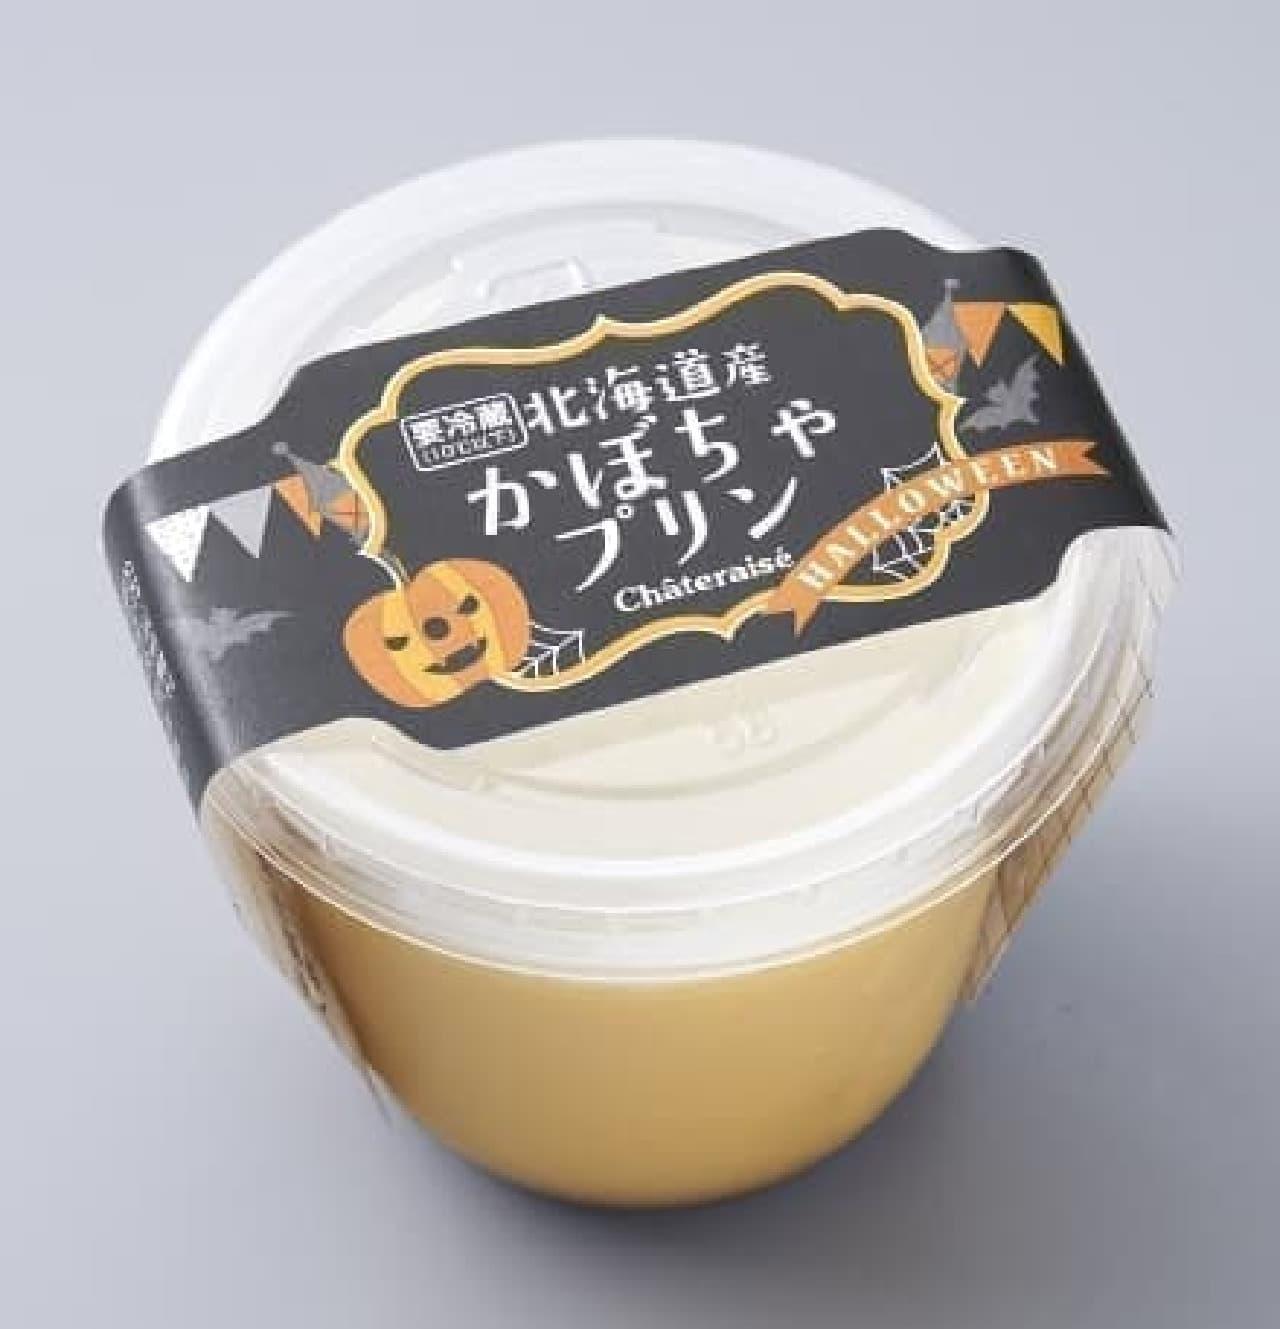 シャトレーゼ「ハロウィン 北海道産かぼちゃプリン」